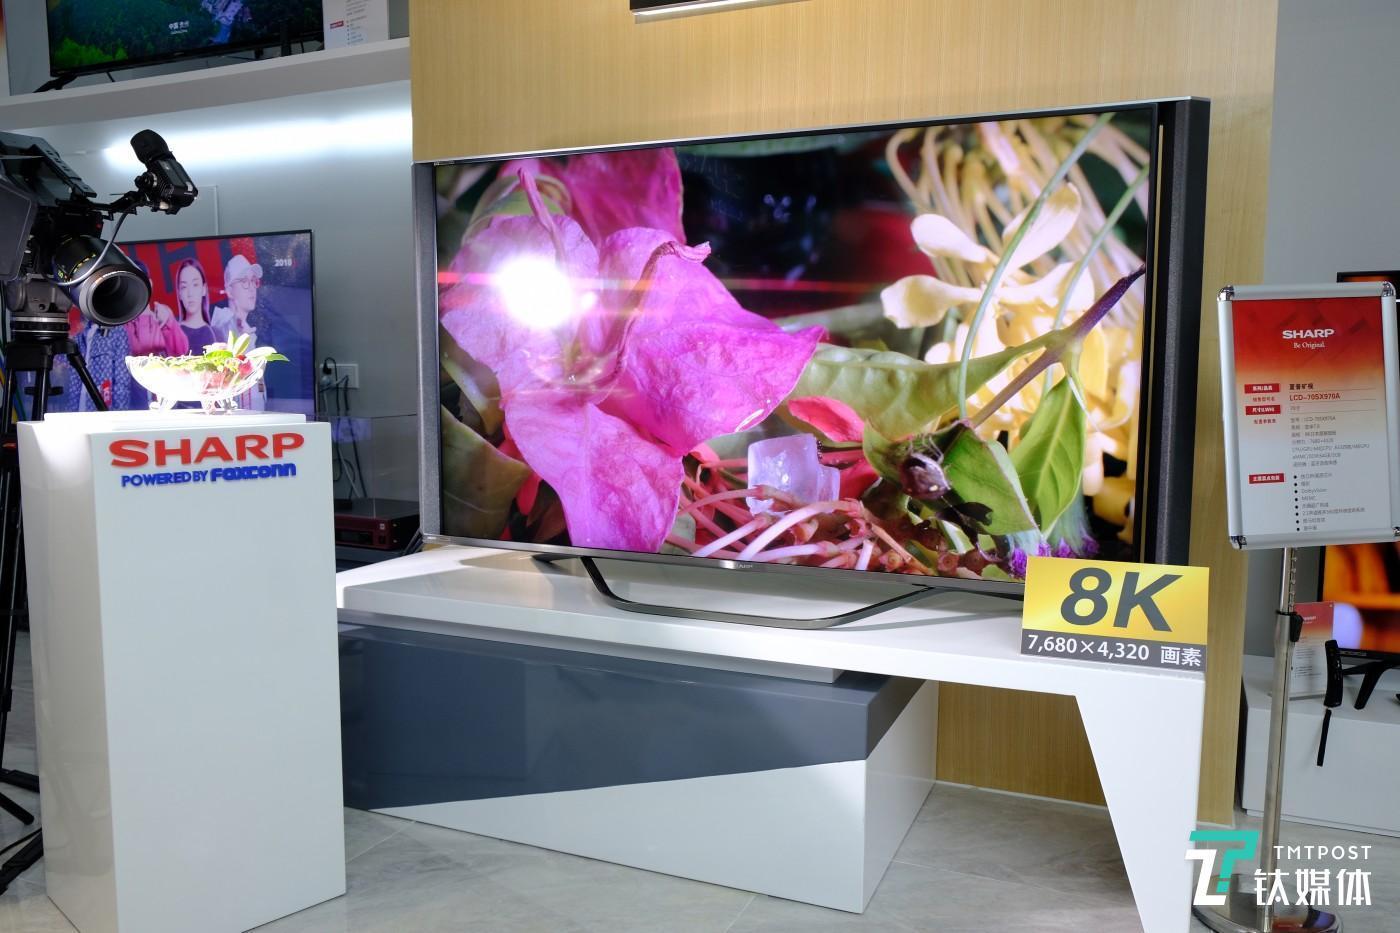 旷视系列产品-8K 分辨率电视